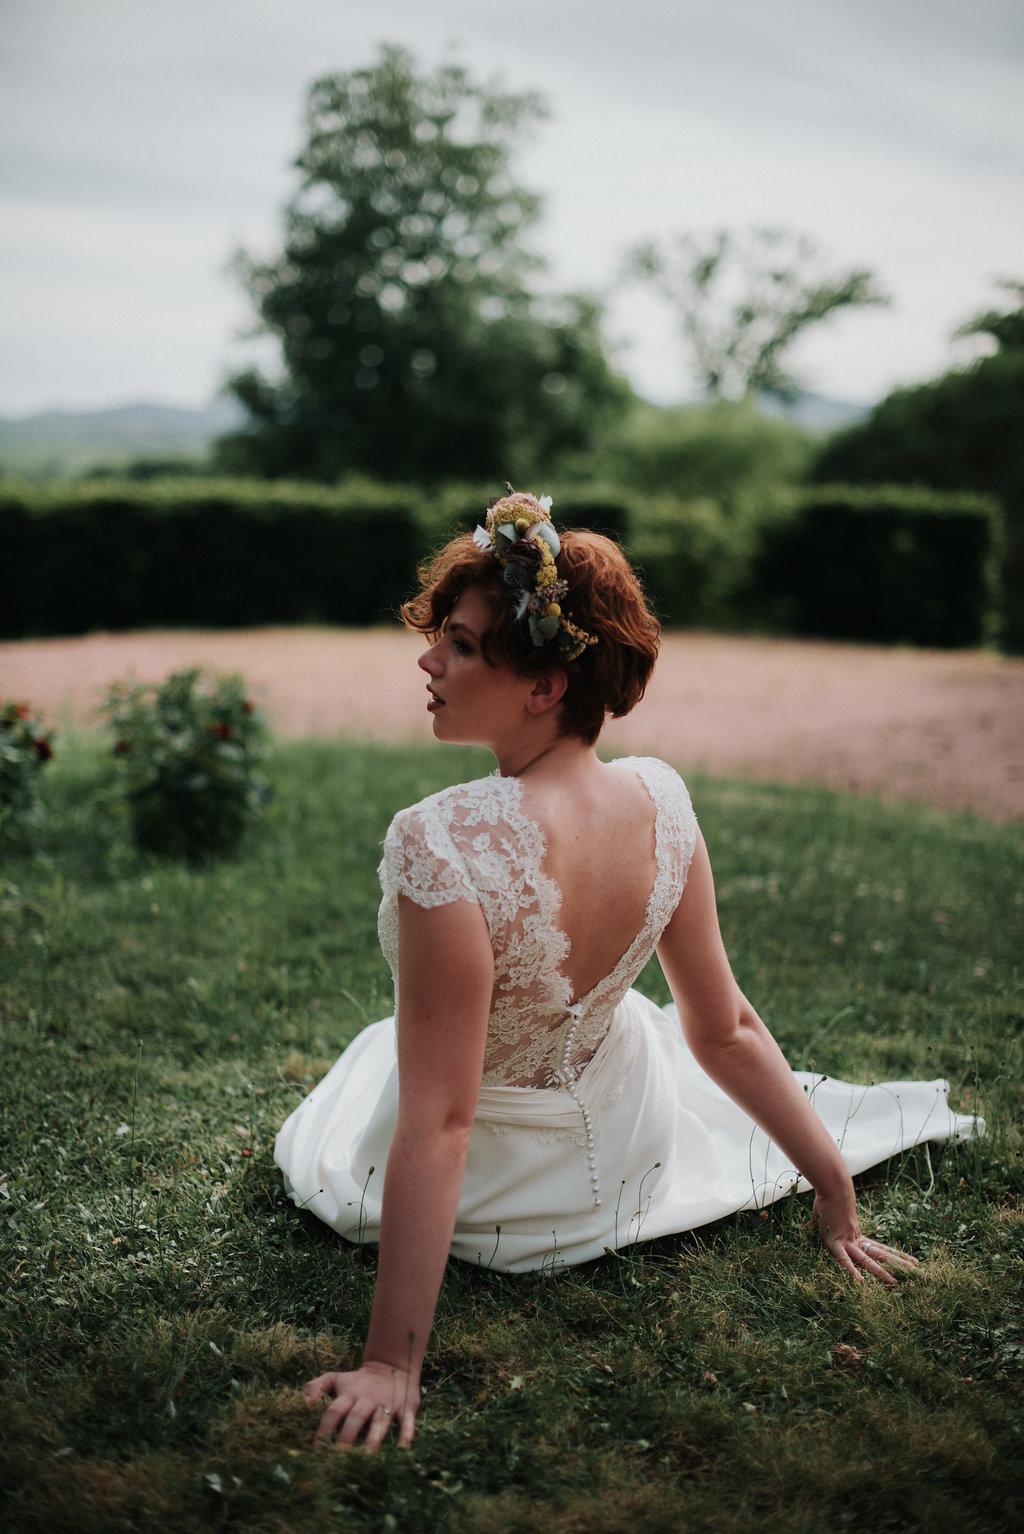 Léa-Fery-photographe-professionnel-lyon-rhone-alpes-portrait-creation-mariage-evenement-evenementiel-famille-7731.jpg